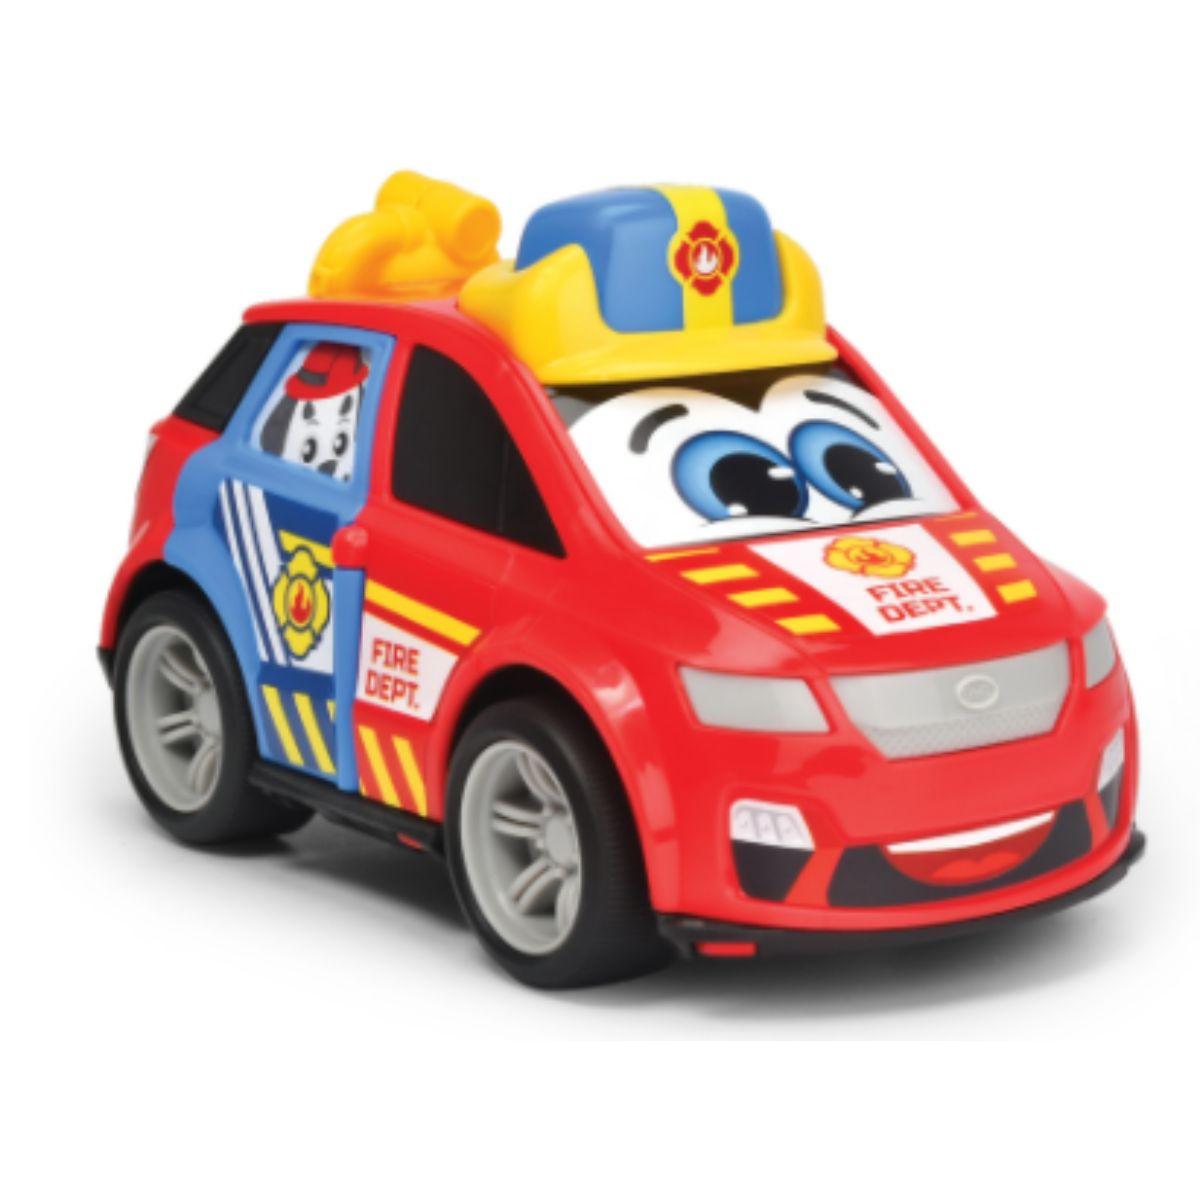 Jucarie bebelusi, masinuta de pompieri, Abc, Byd City Car